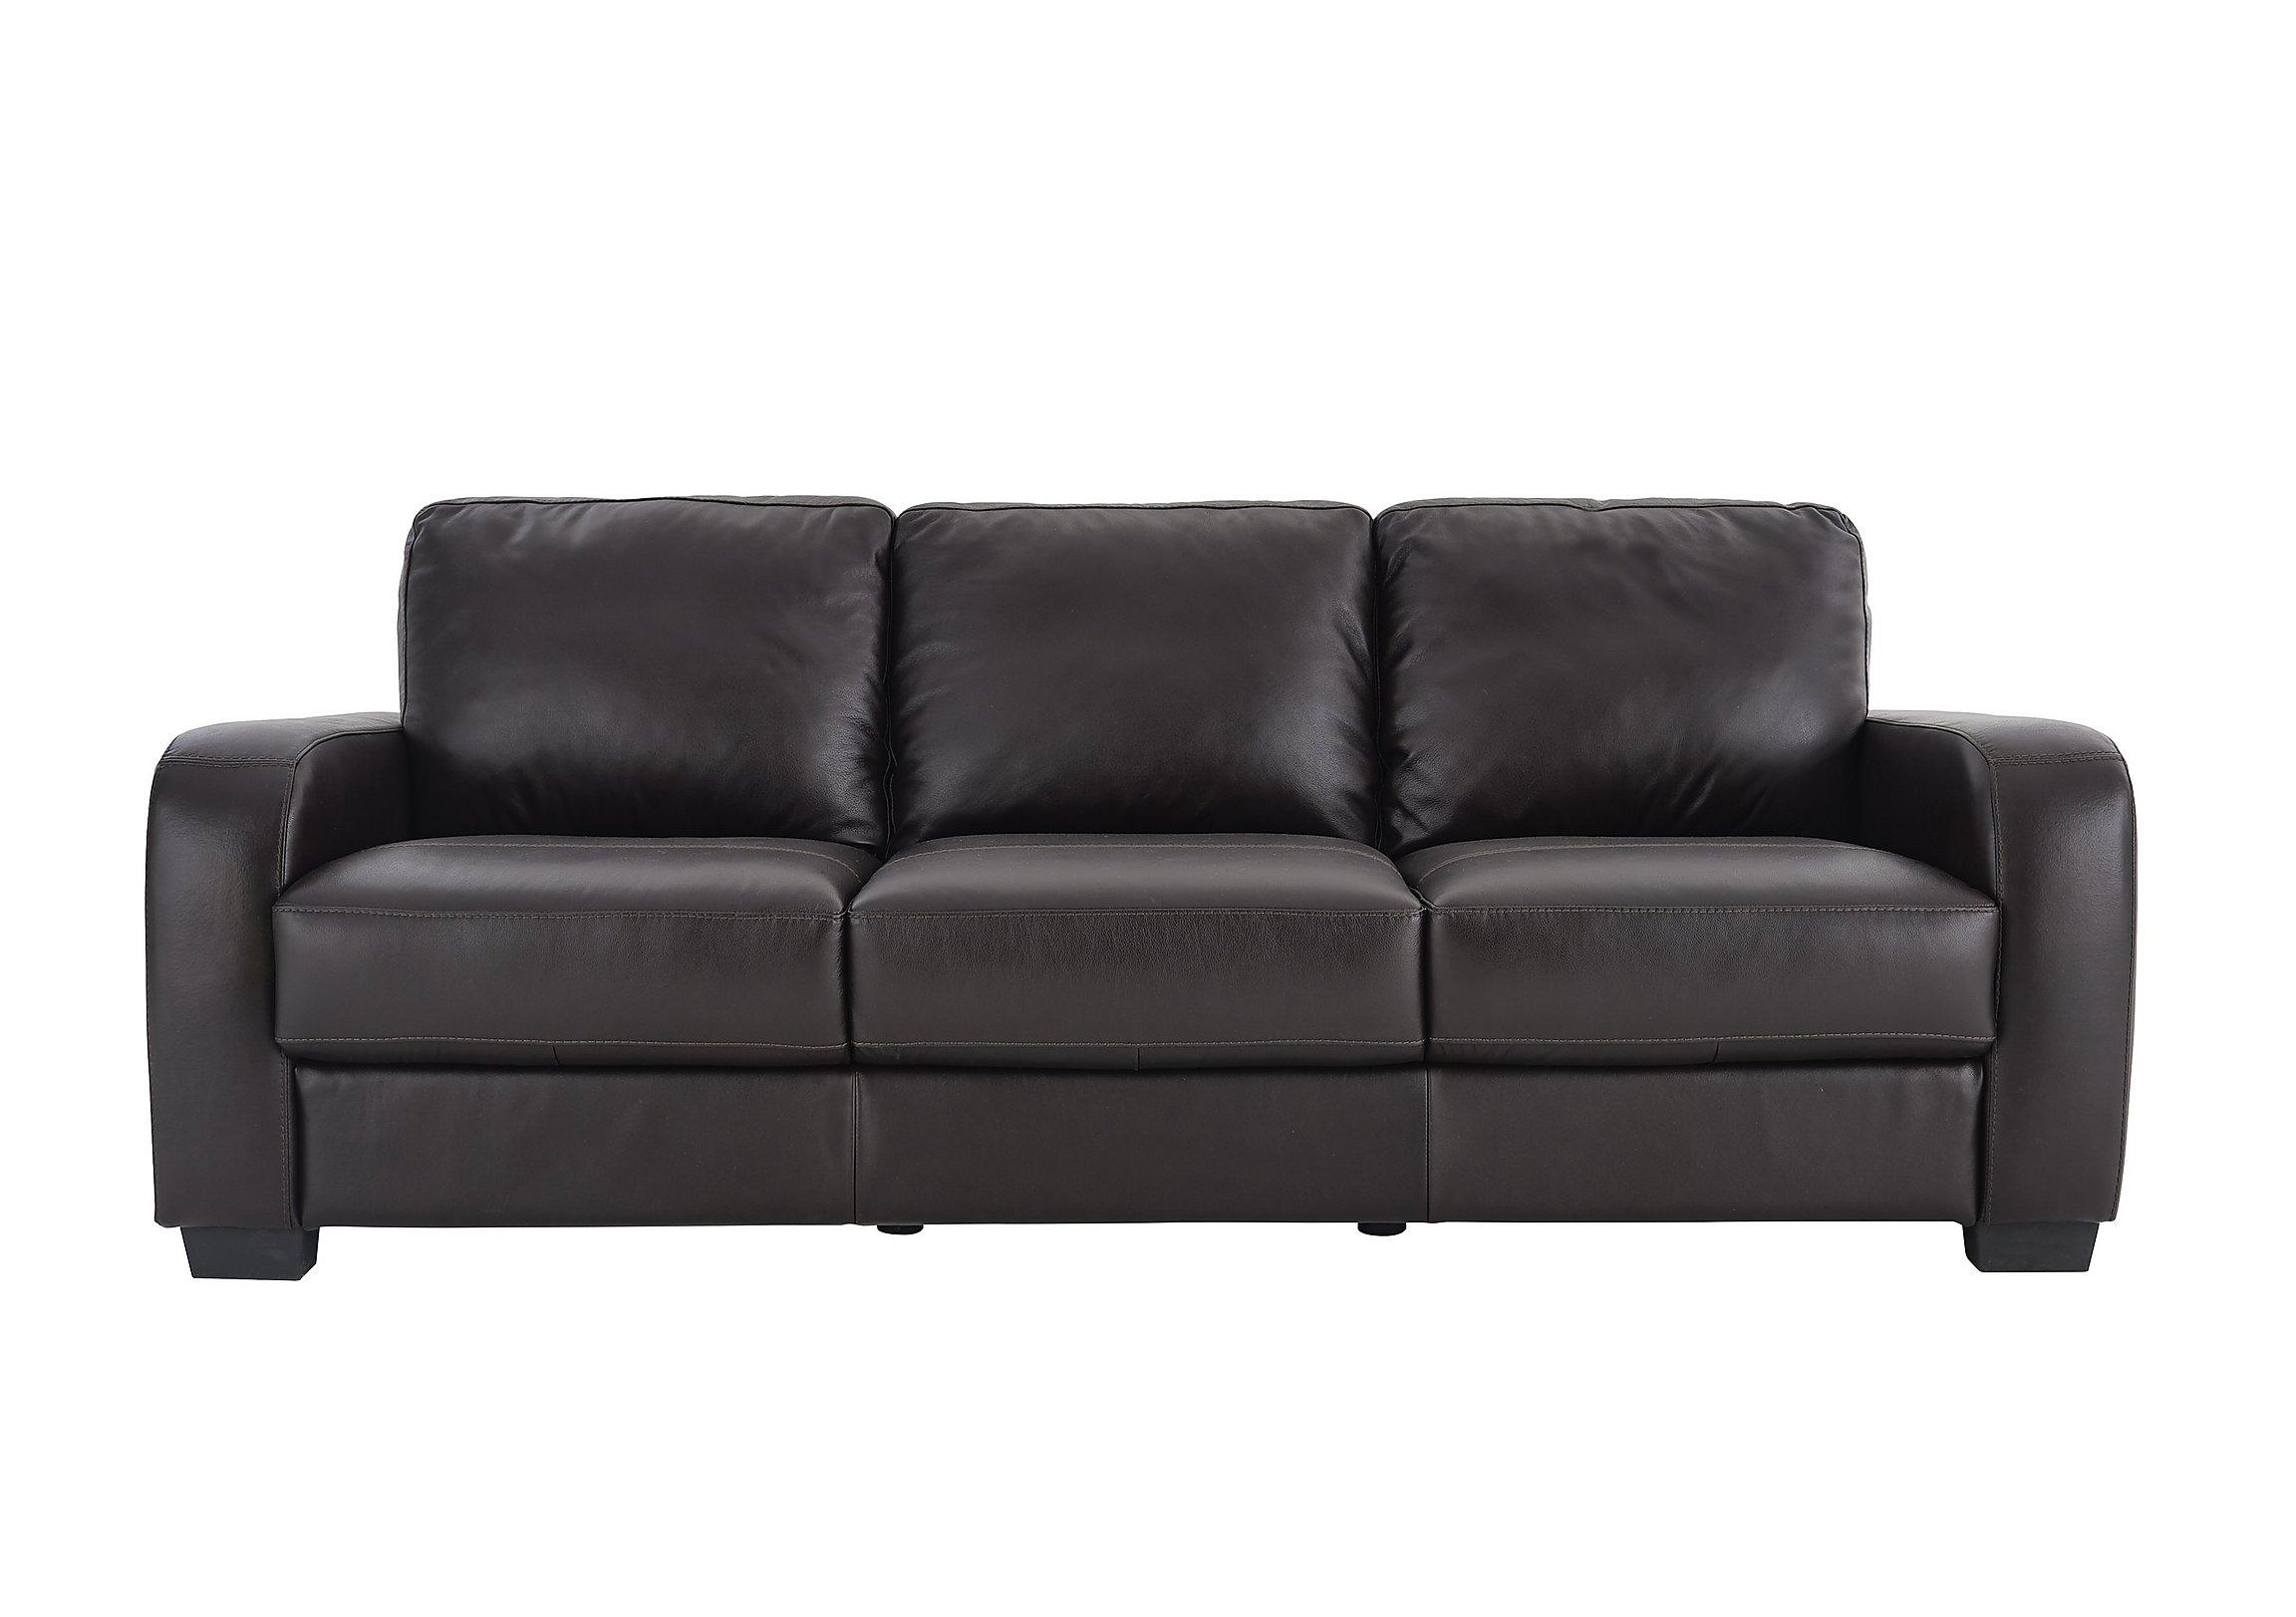 Furniture village sofa beds uk for Furniture village